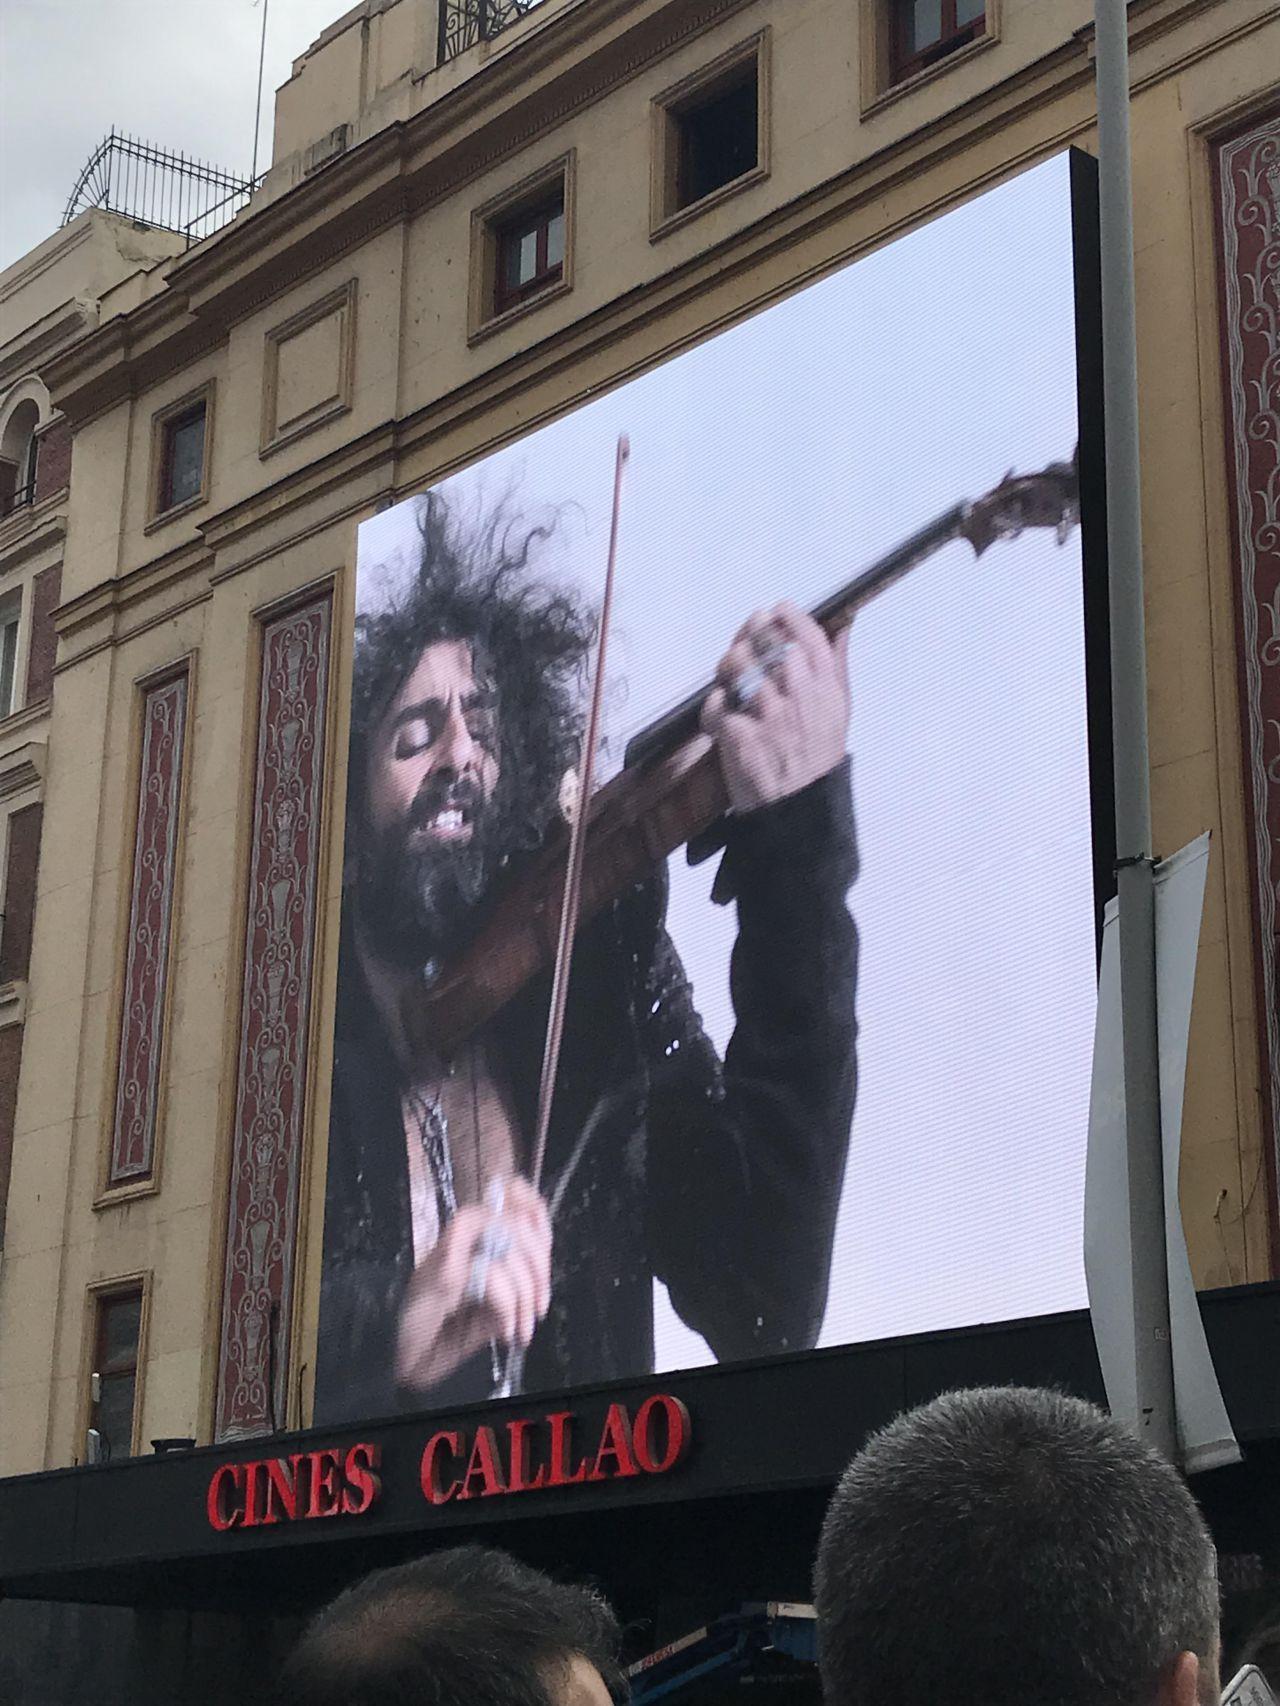 Un genio de la música que se deja la piel en cada concierto, también en este original formato.